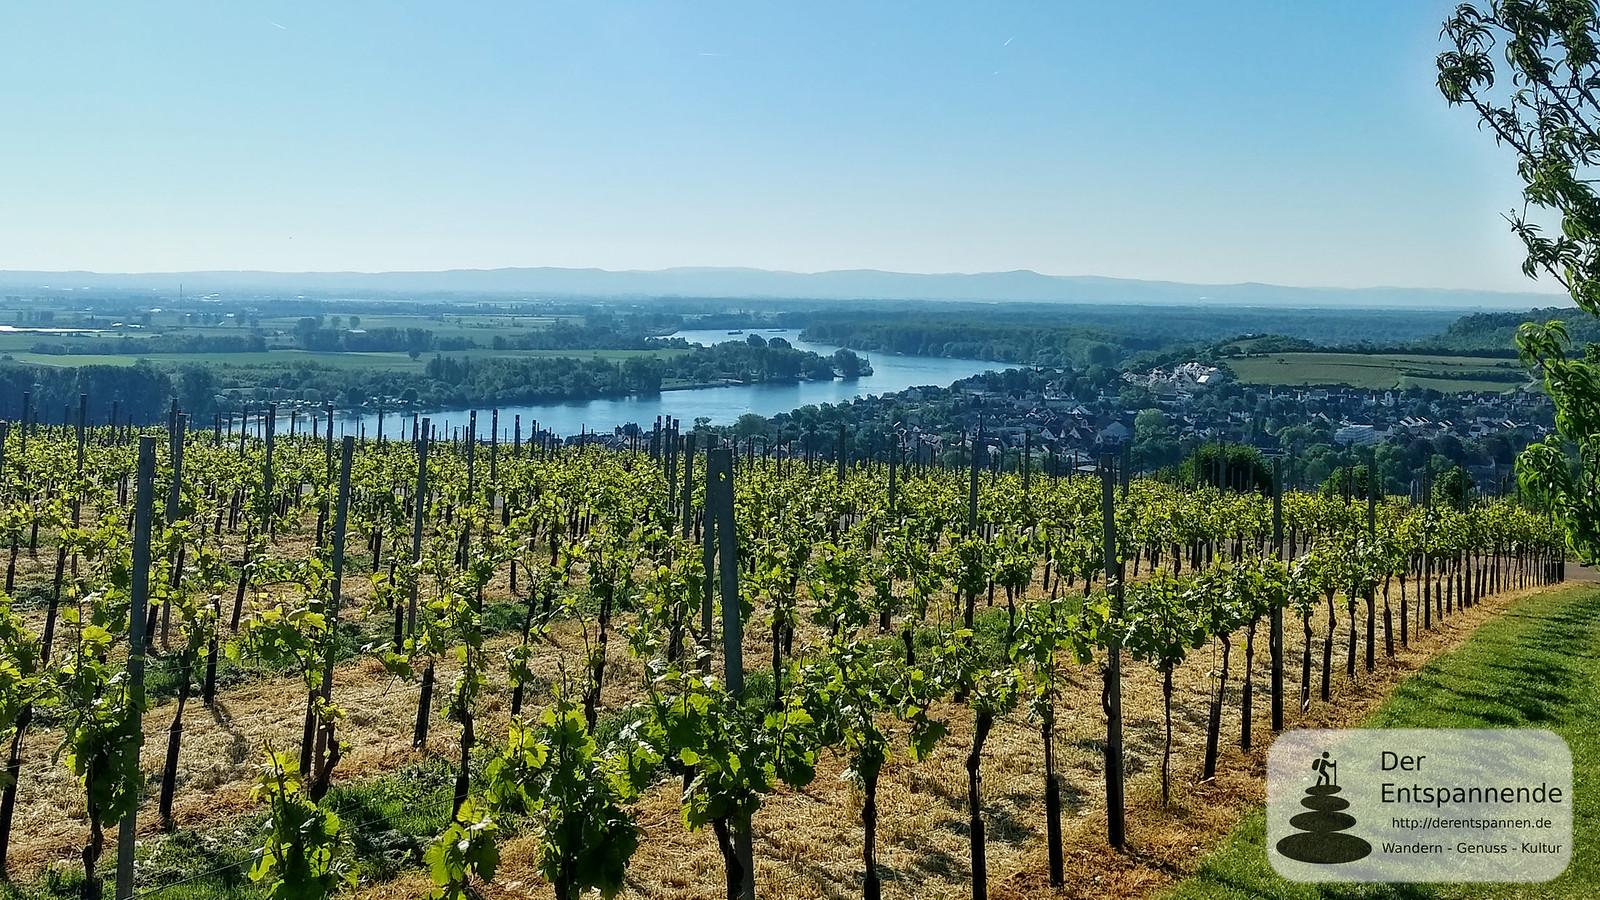 Blick von Niersteiner Wartturm auf Rhein und Niersten